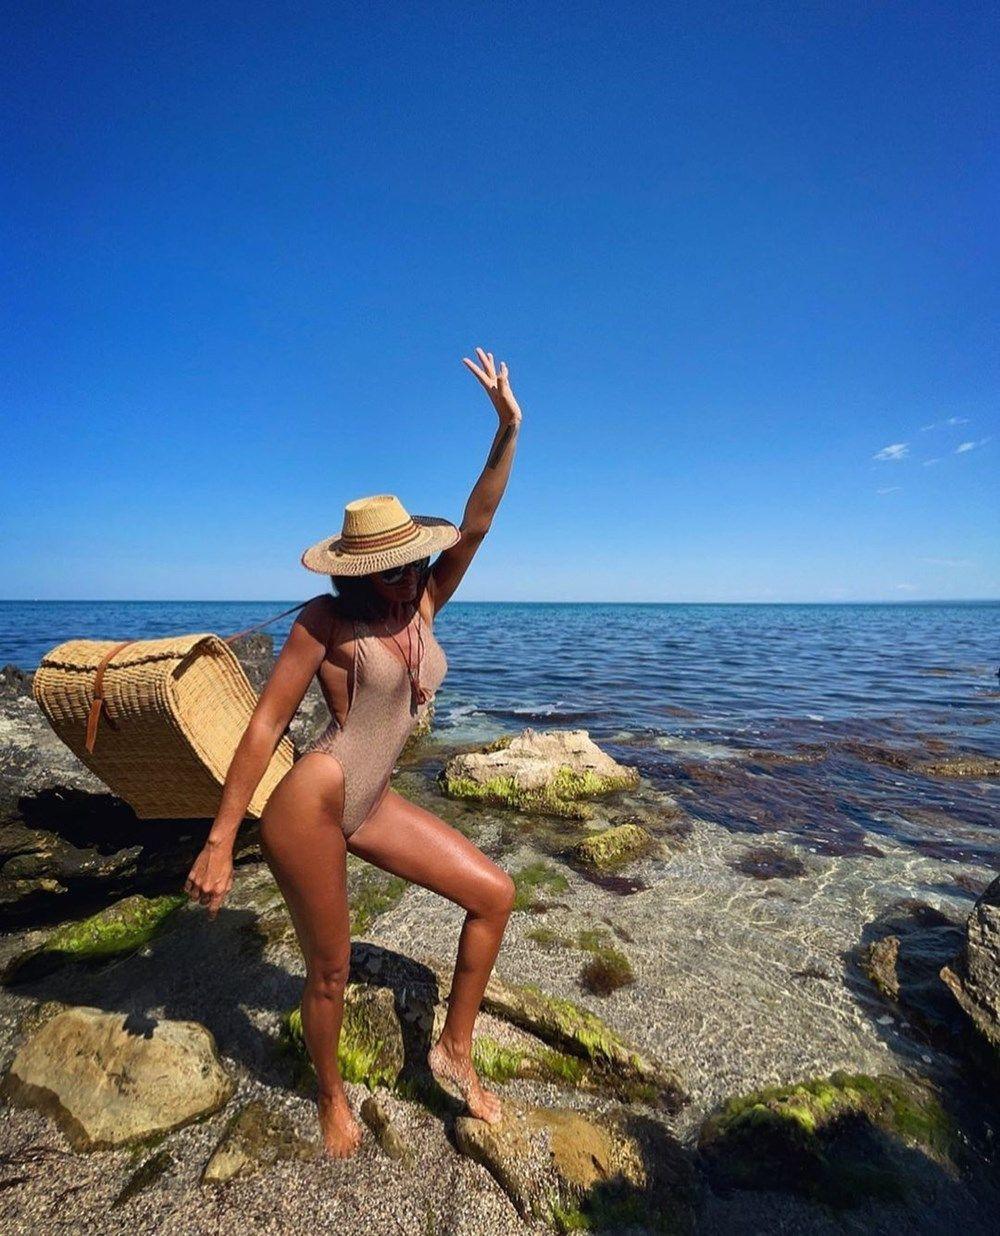 Ünlülerin tatil bu haftaki tatil pozları (30 Mayıs-11 Haziran 2021) - Sayfa 2